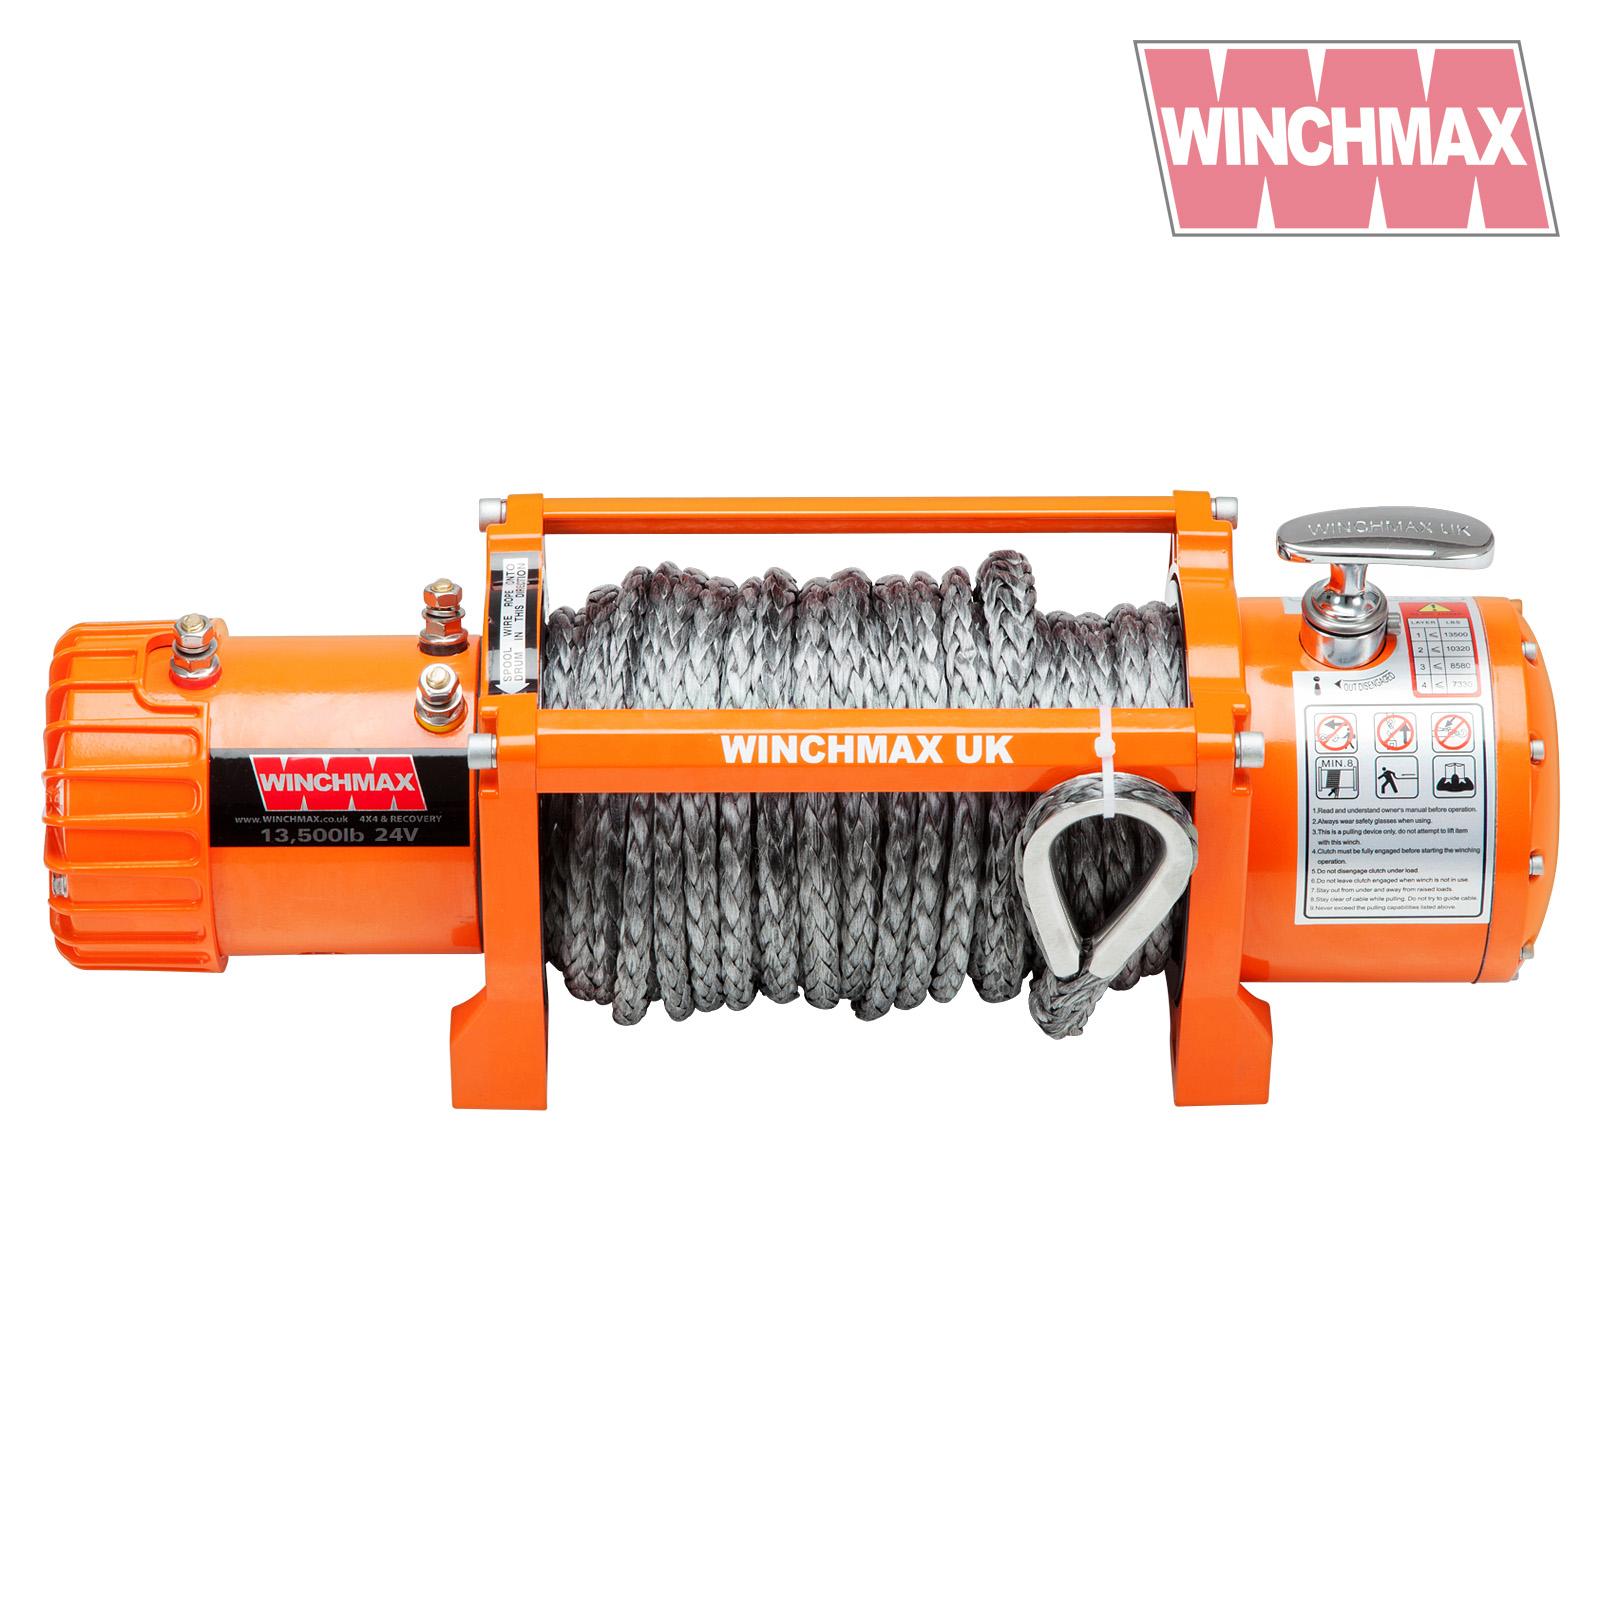 Wm1350024vrs winchmax 08